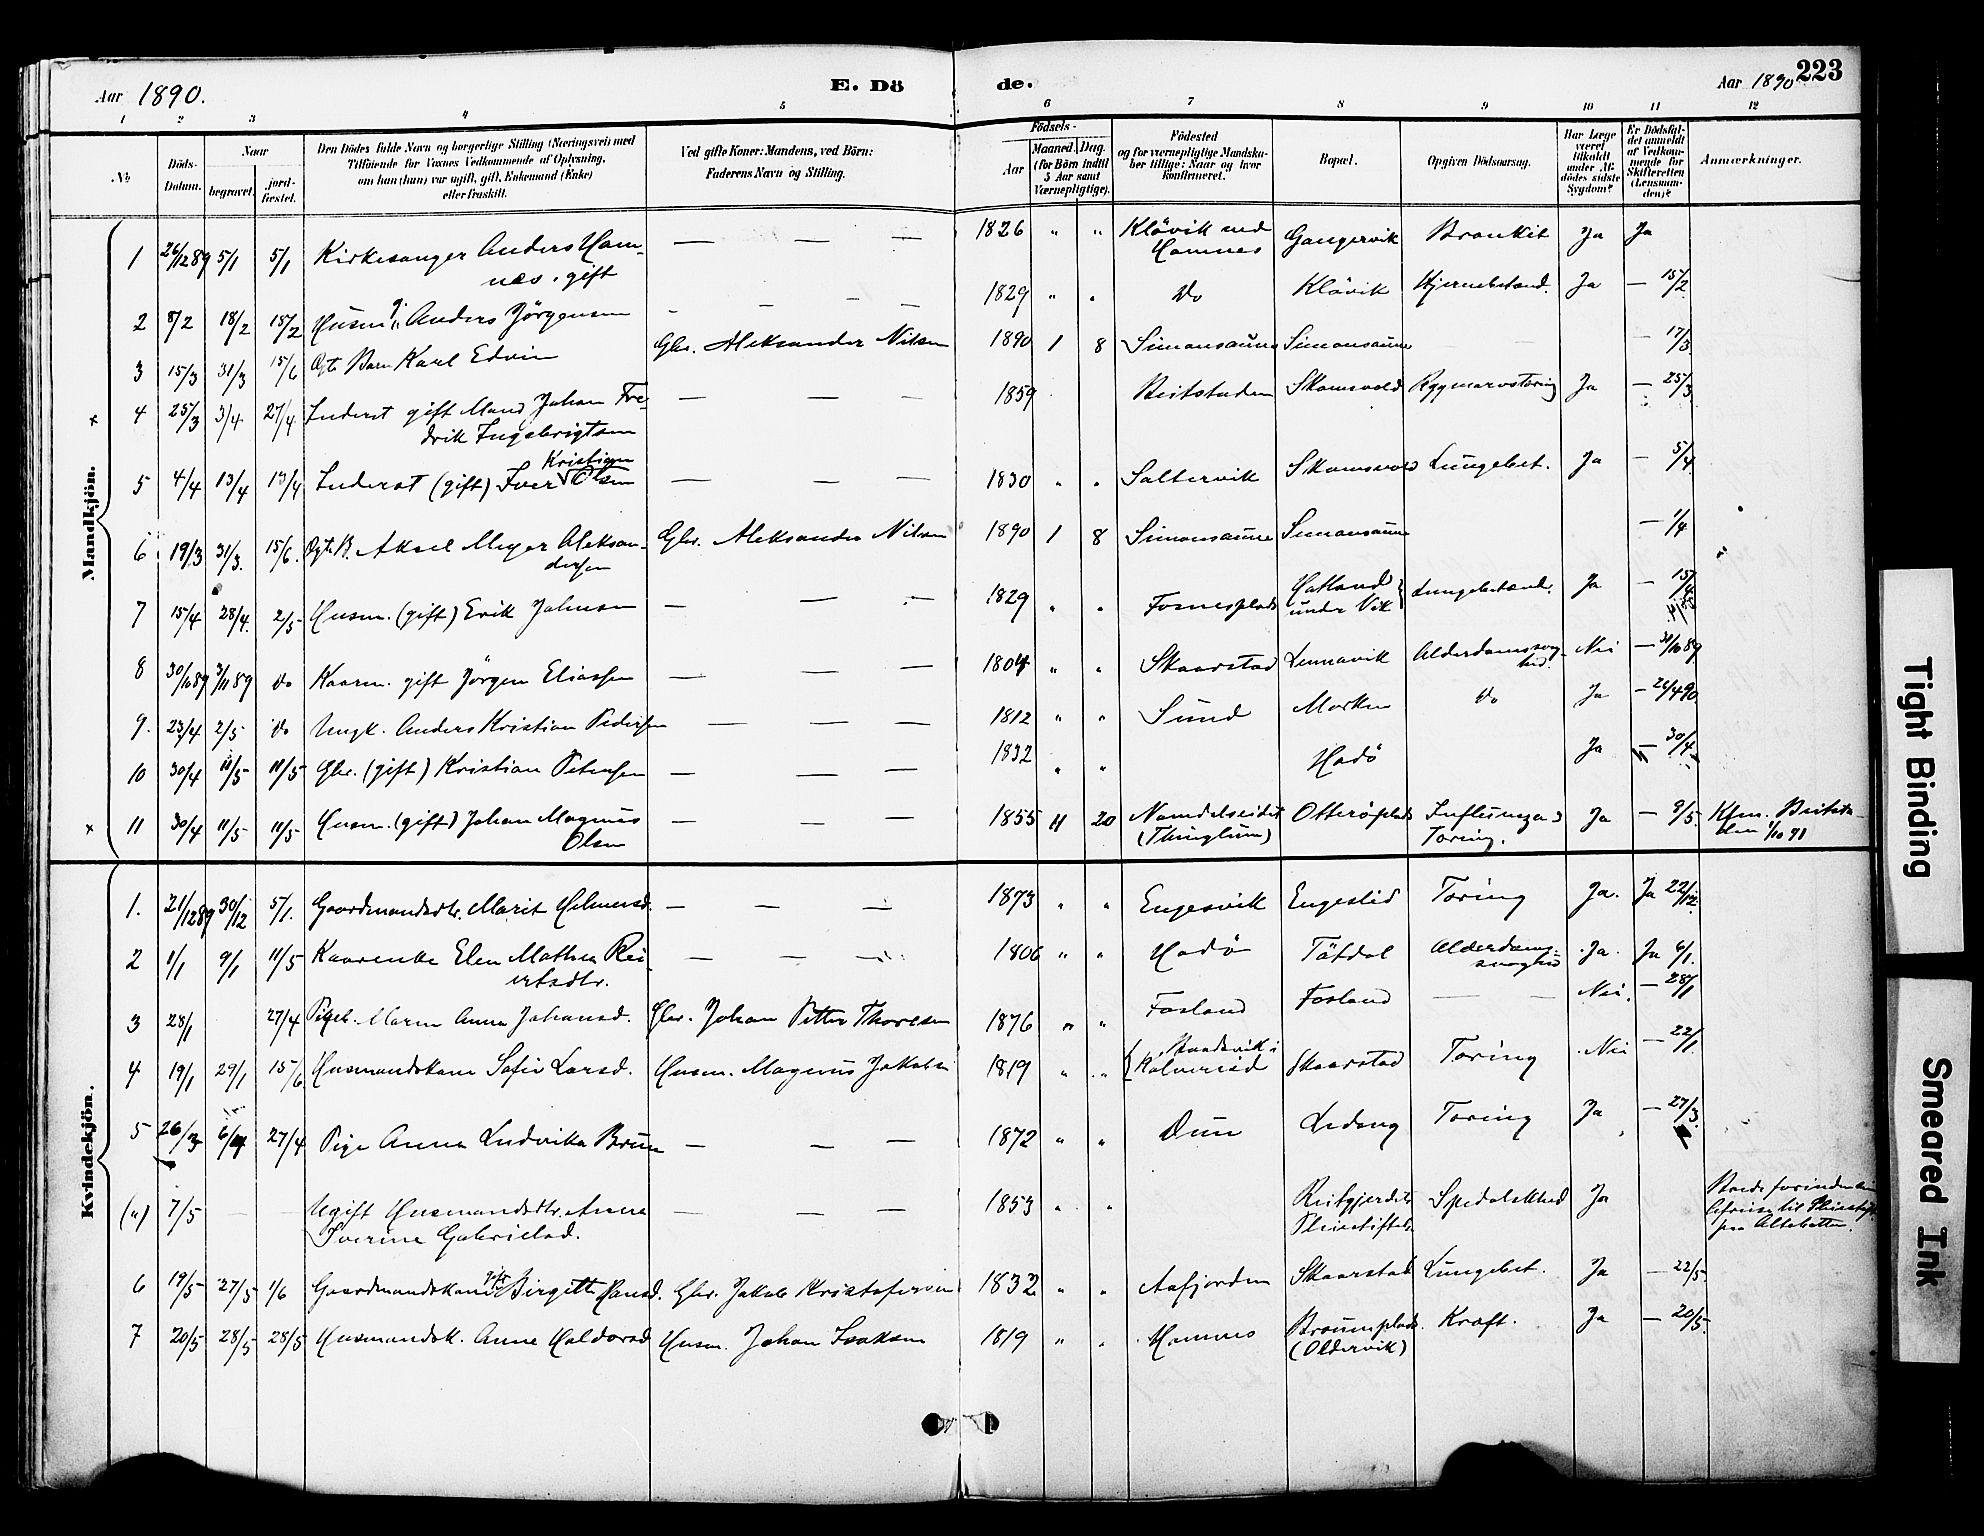 SAT, Ministerialprotokoller, klokkerbøker og fødselsregistre - Nord-Trøndelag, 774/L0628: Ministerialbok nr. 774A02, 1887-1903, s. 223